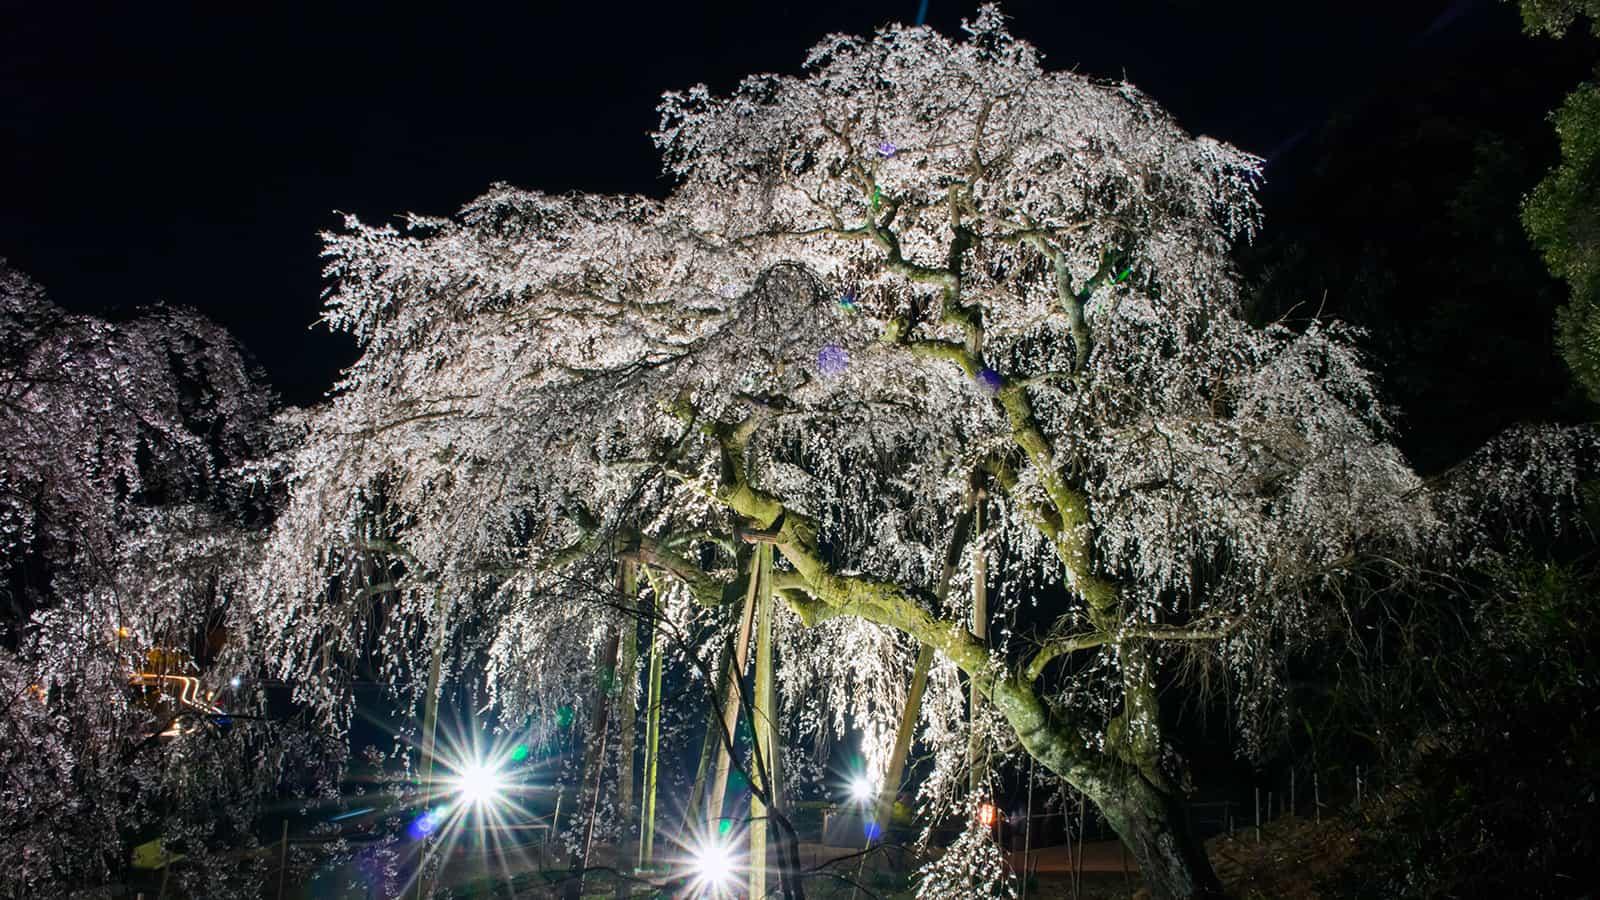 夜間スポットライトを浴び輝きを増す奥山田のしだれ桜 - -愛知県岡崎市にある観光、撮影スポット- -